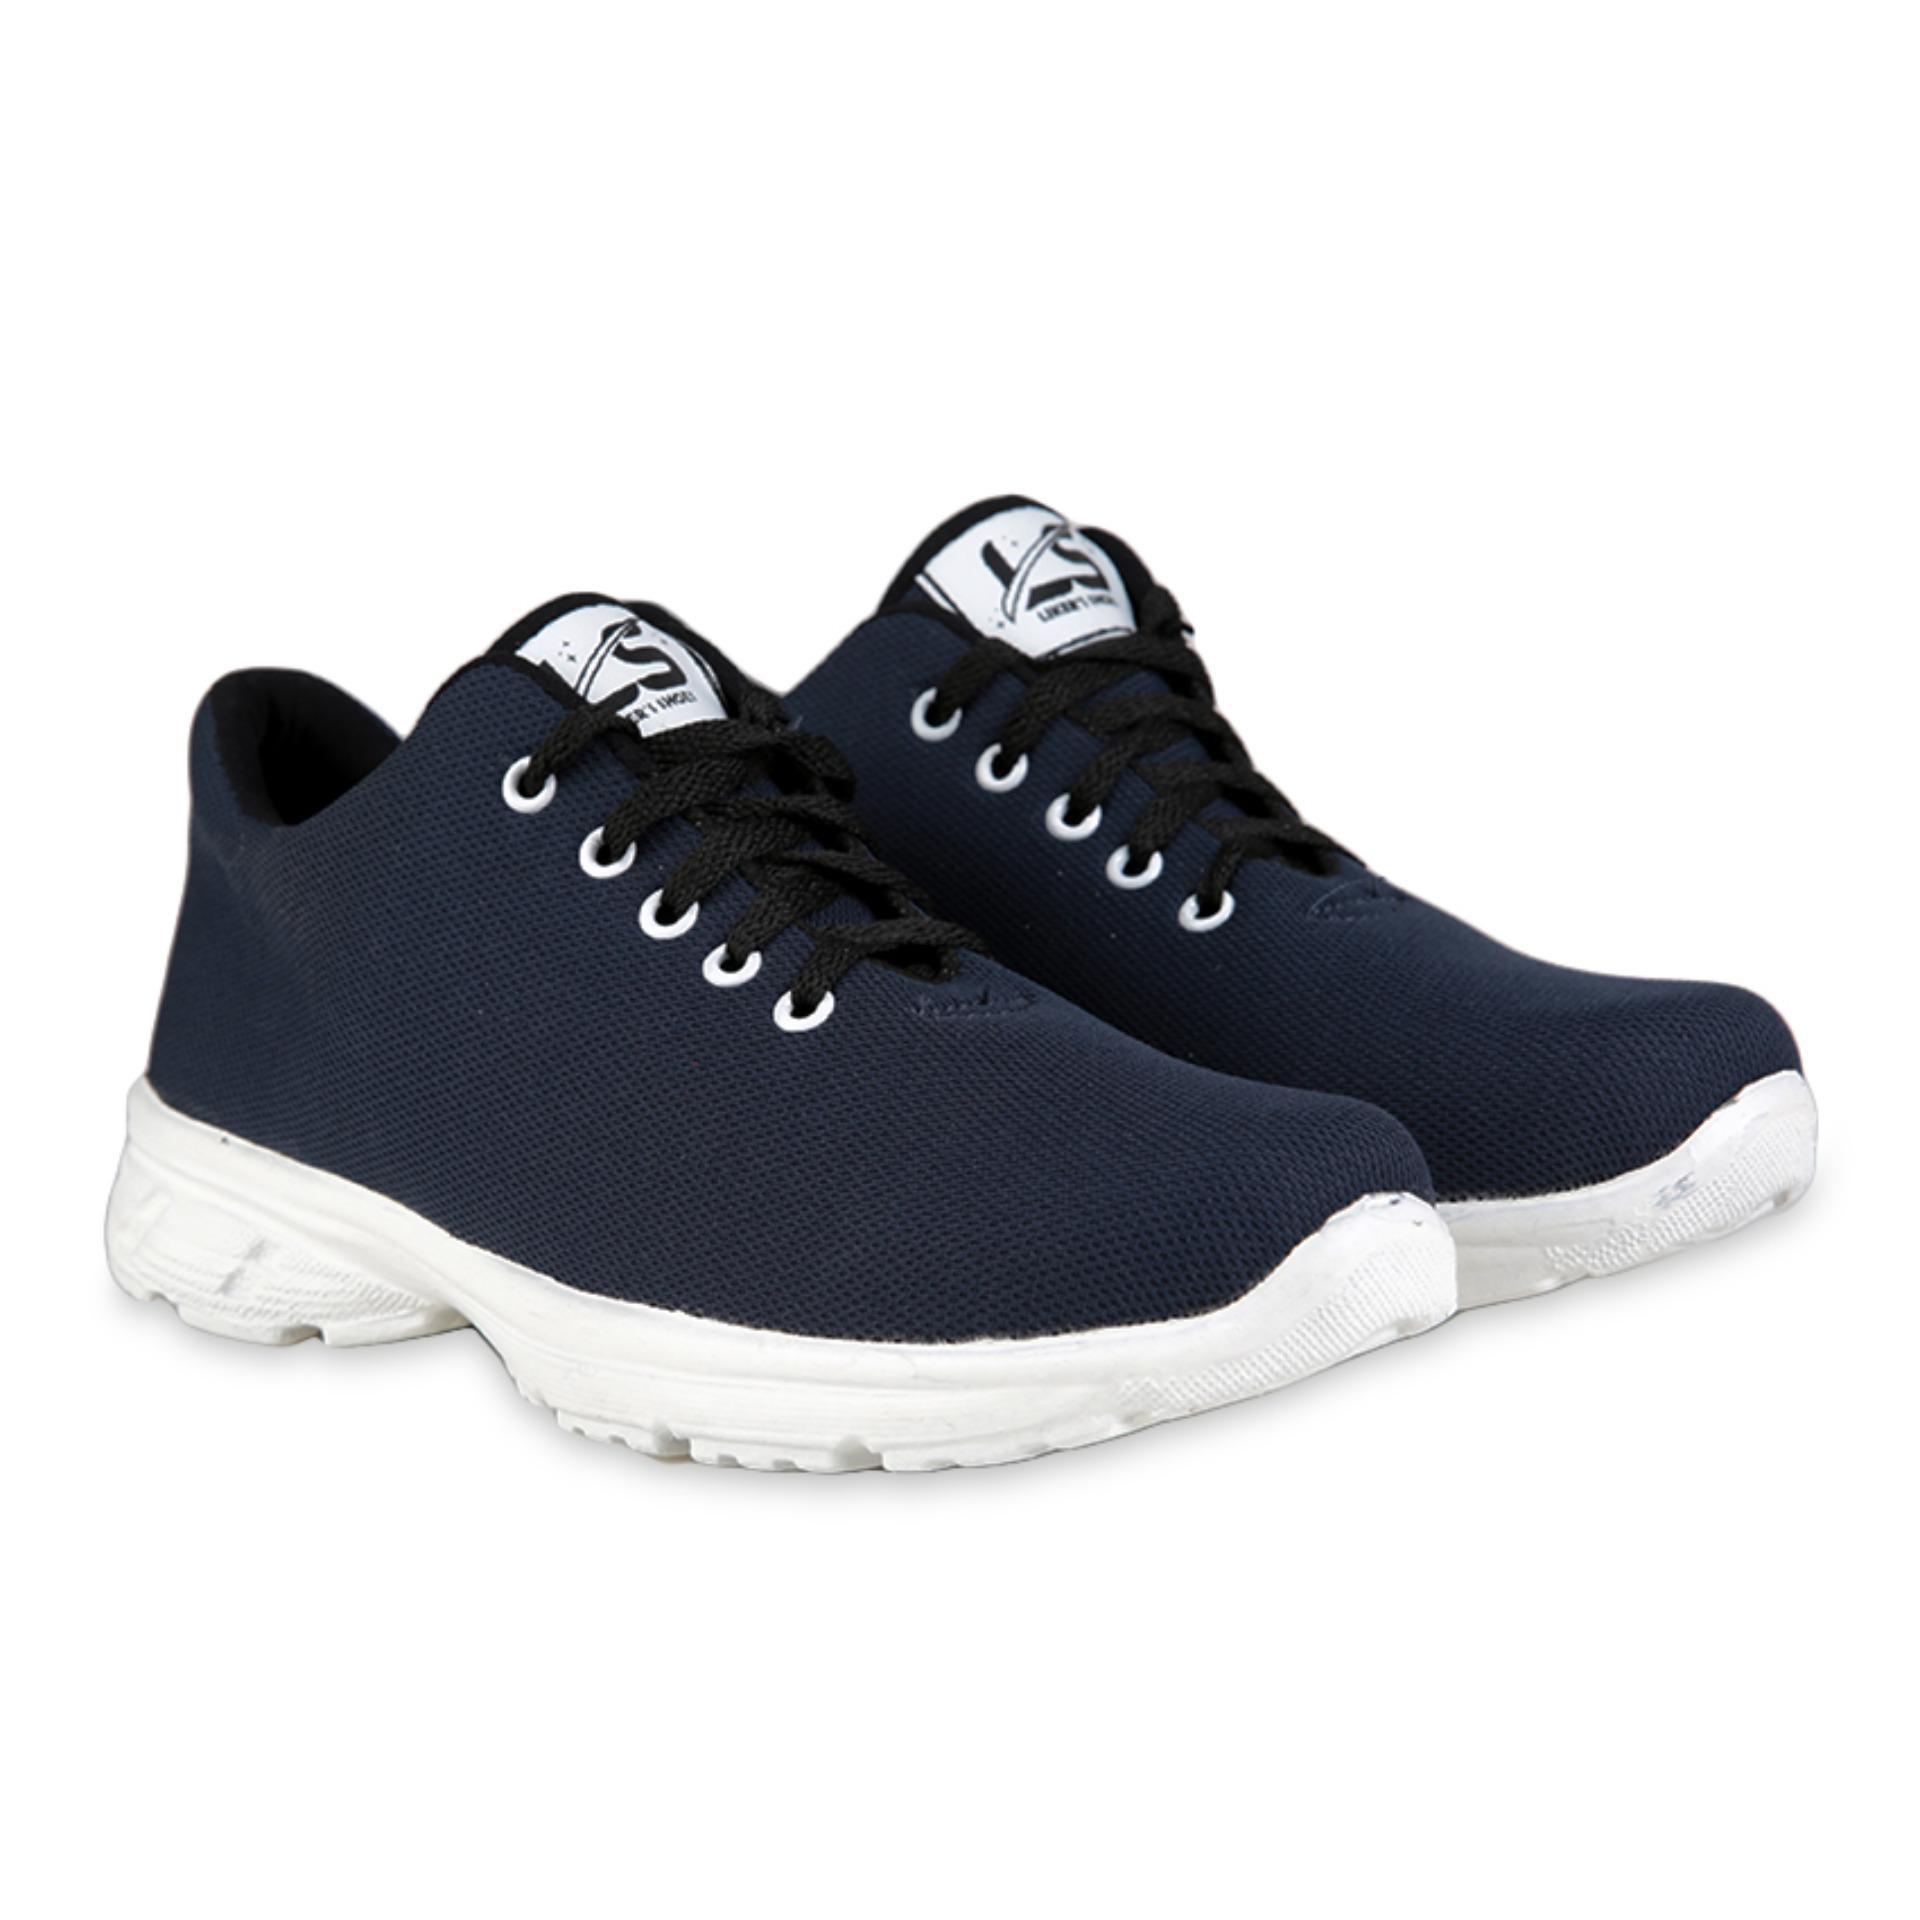 Likers Sepatu Sneaker Pria - A001 / sepatu kets sneakers dan kasual pria / sepatu kasual kanvas / sepatu sneaker pria / sepatu pria / sepatu sneaker murah / sepatu pria casual / sepatu pria kasual / sepatu pria kulit / sepatu pria murah